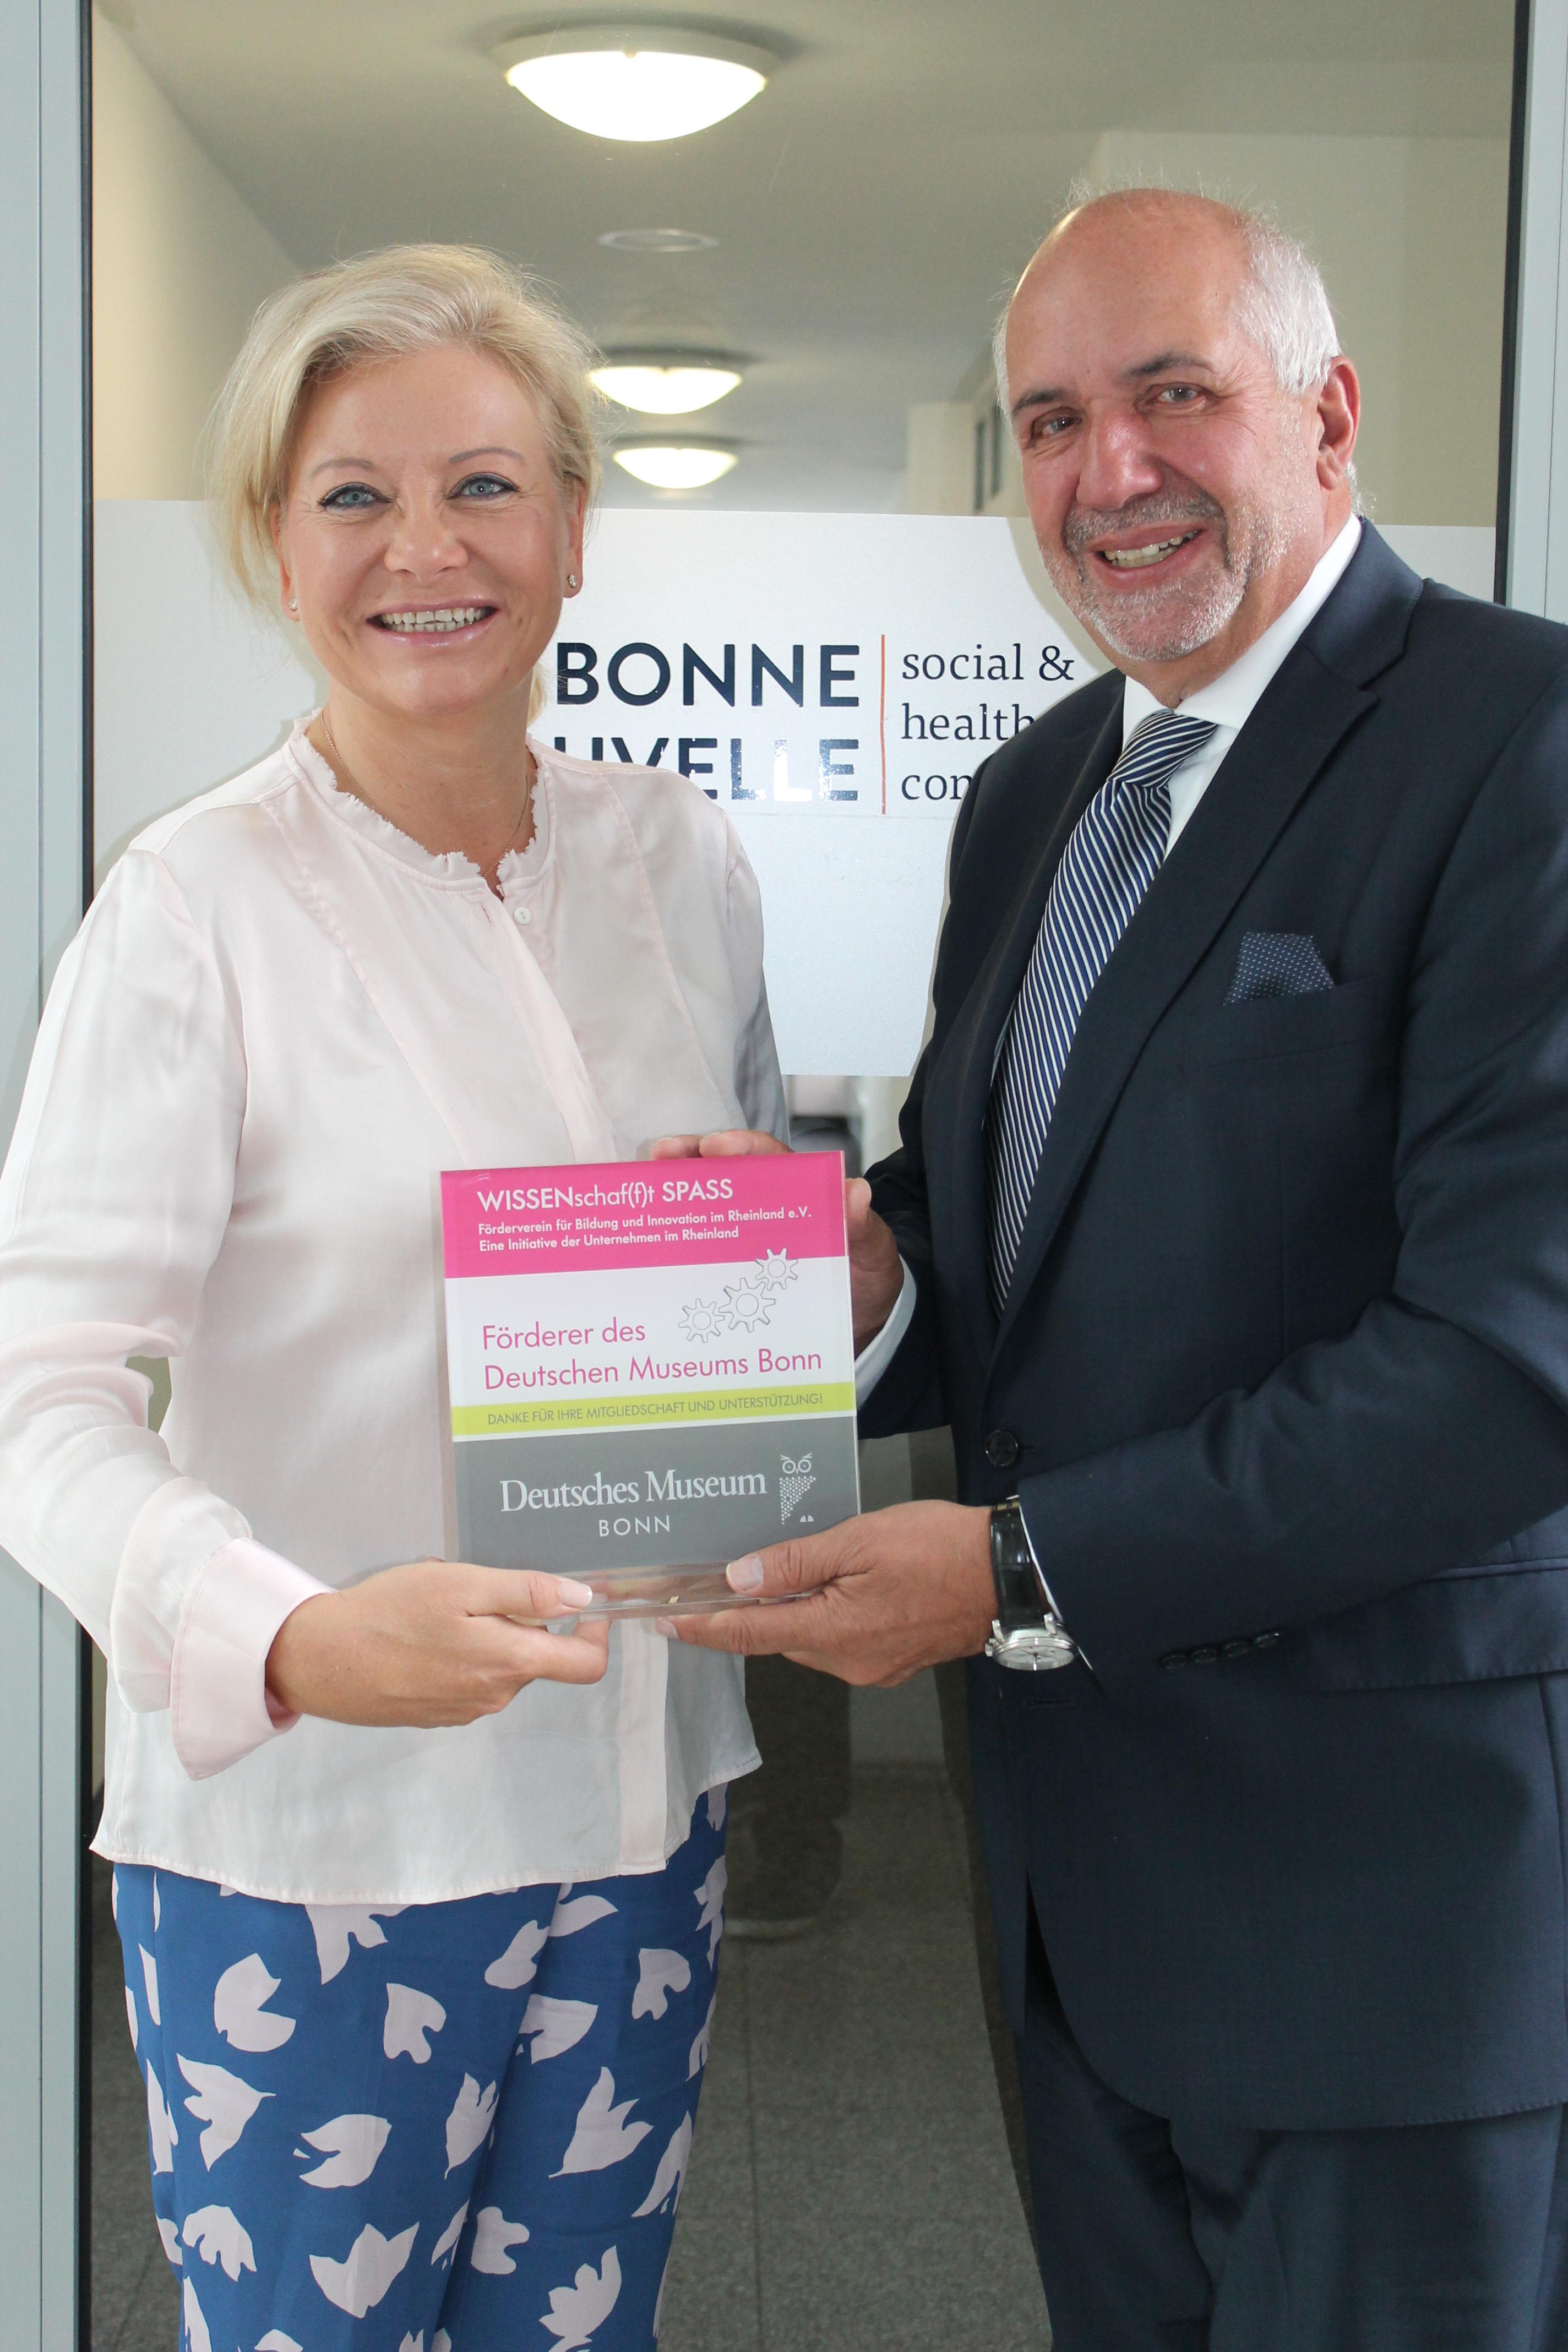 Awardübergabe_v.l.n.r. Simone Stein-Lücke, Bonne Nouvelle; Antonio Casellas, Vorstand Förderverein WISSENschaf(f)t SPASS